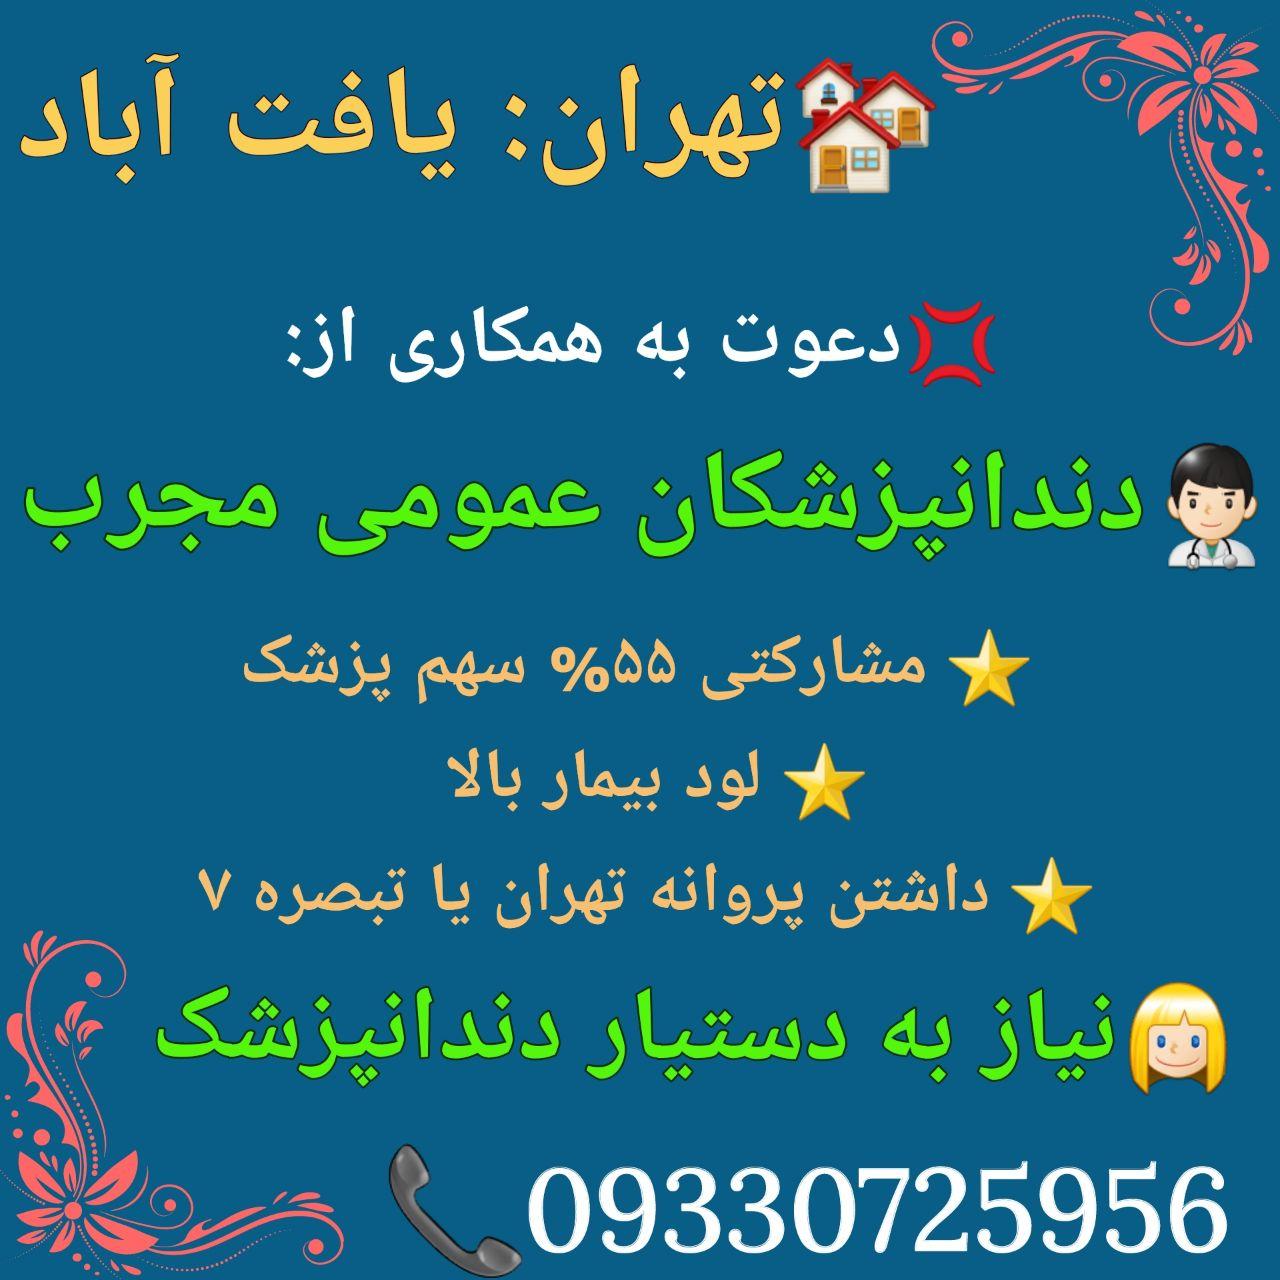 تهران: یافت آباد، دعوت به همکاری از دندانپزشکان عمومی مجرب و نیاز به دستیار دندانپزشک